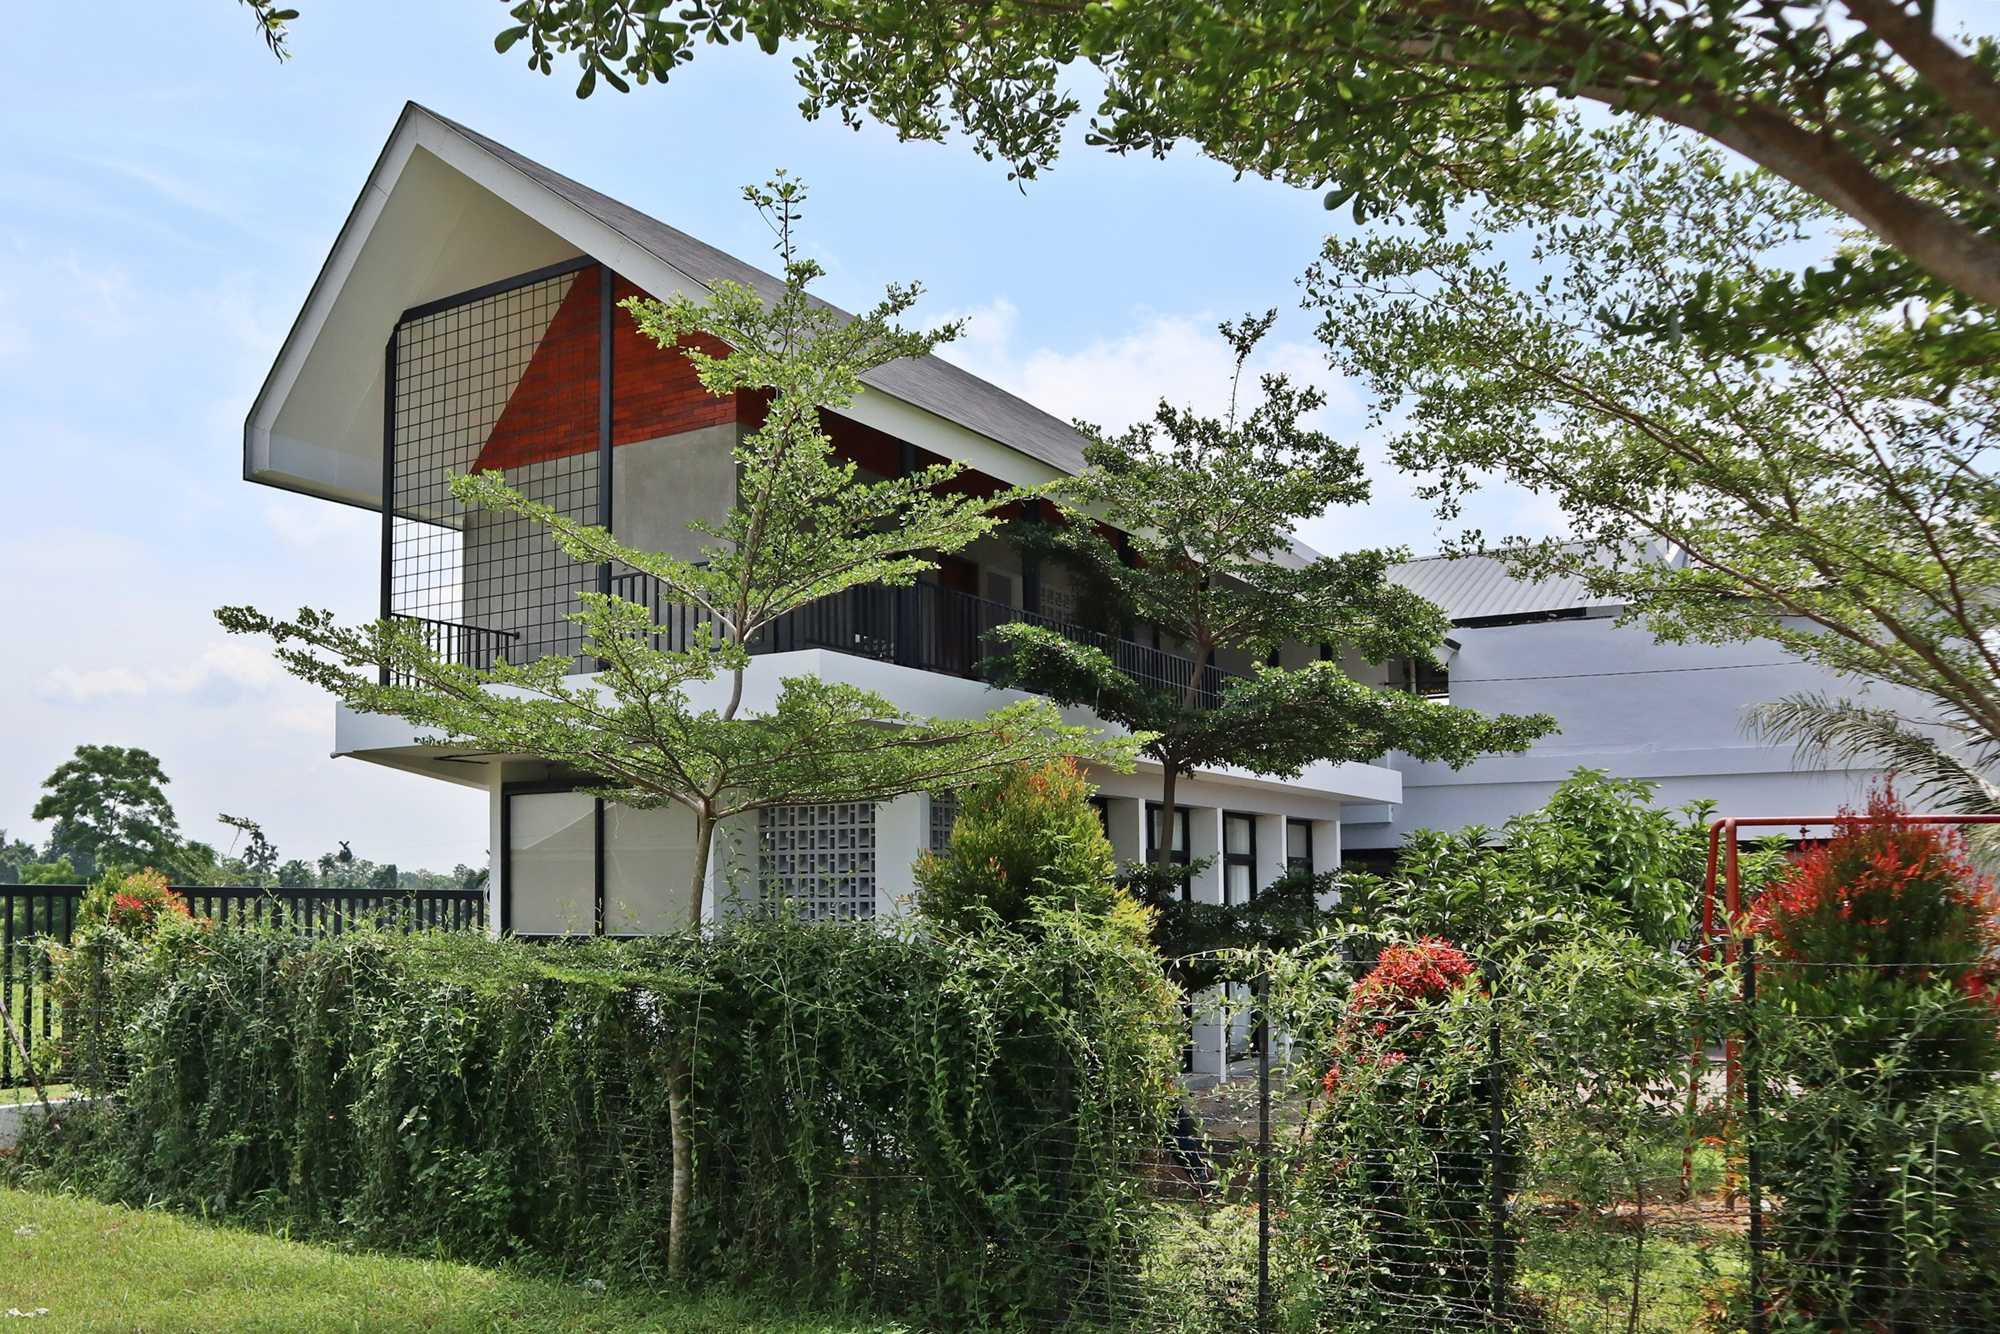 Bd Studio Je Villa House Medan, Kota Medan, Sumatera Utara, Indonesia Medan, Kota Medan, Sumatera Utara, Indonesia Bd-Studio-Je-Villa-House  74113